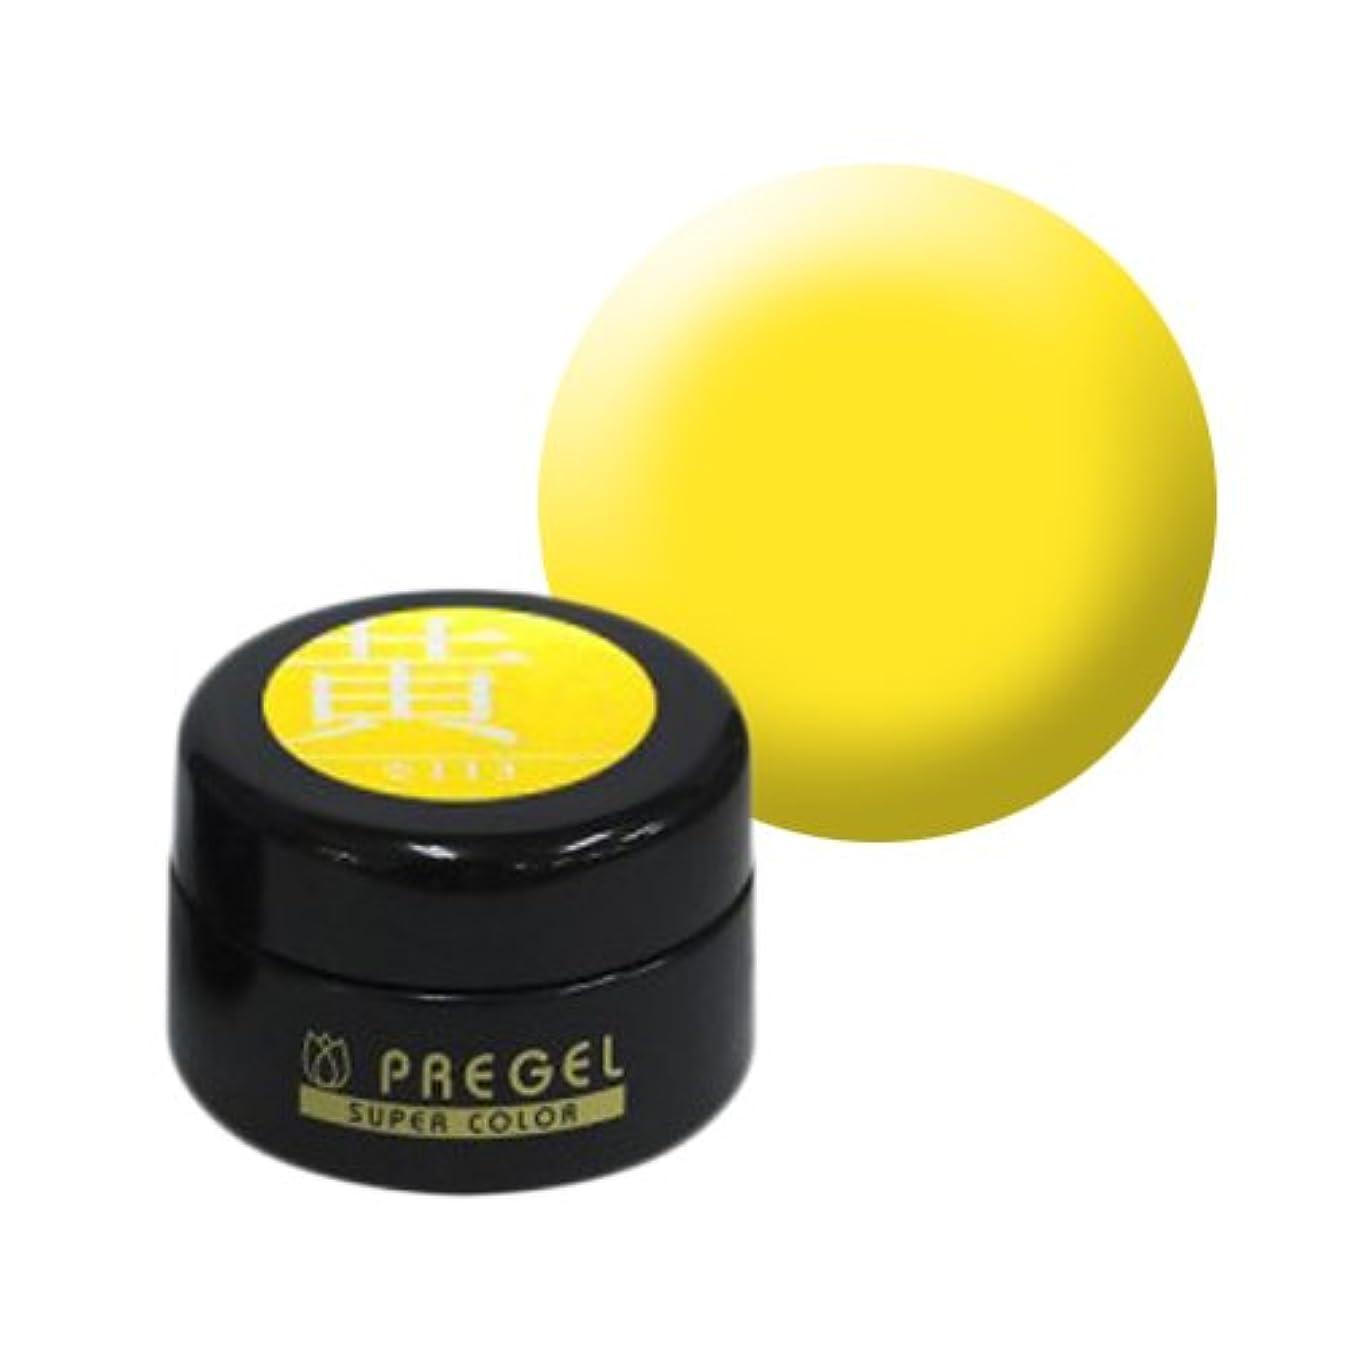 ジャケット攻撃どこにも【PREGEL】カラーEx 黄 / PG-CE113 【UV&LED】プリジェル カラージェル ジェルネイル用品